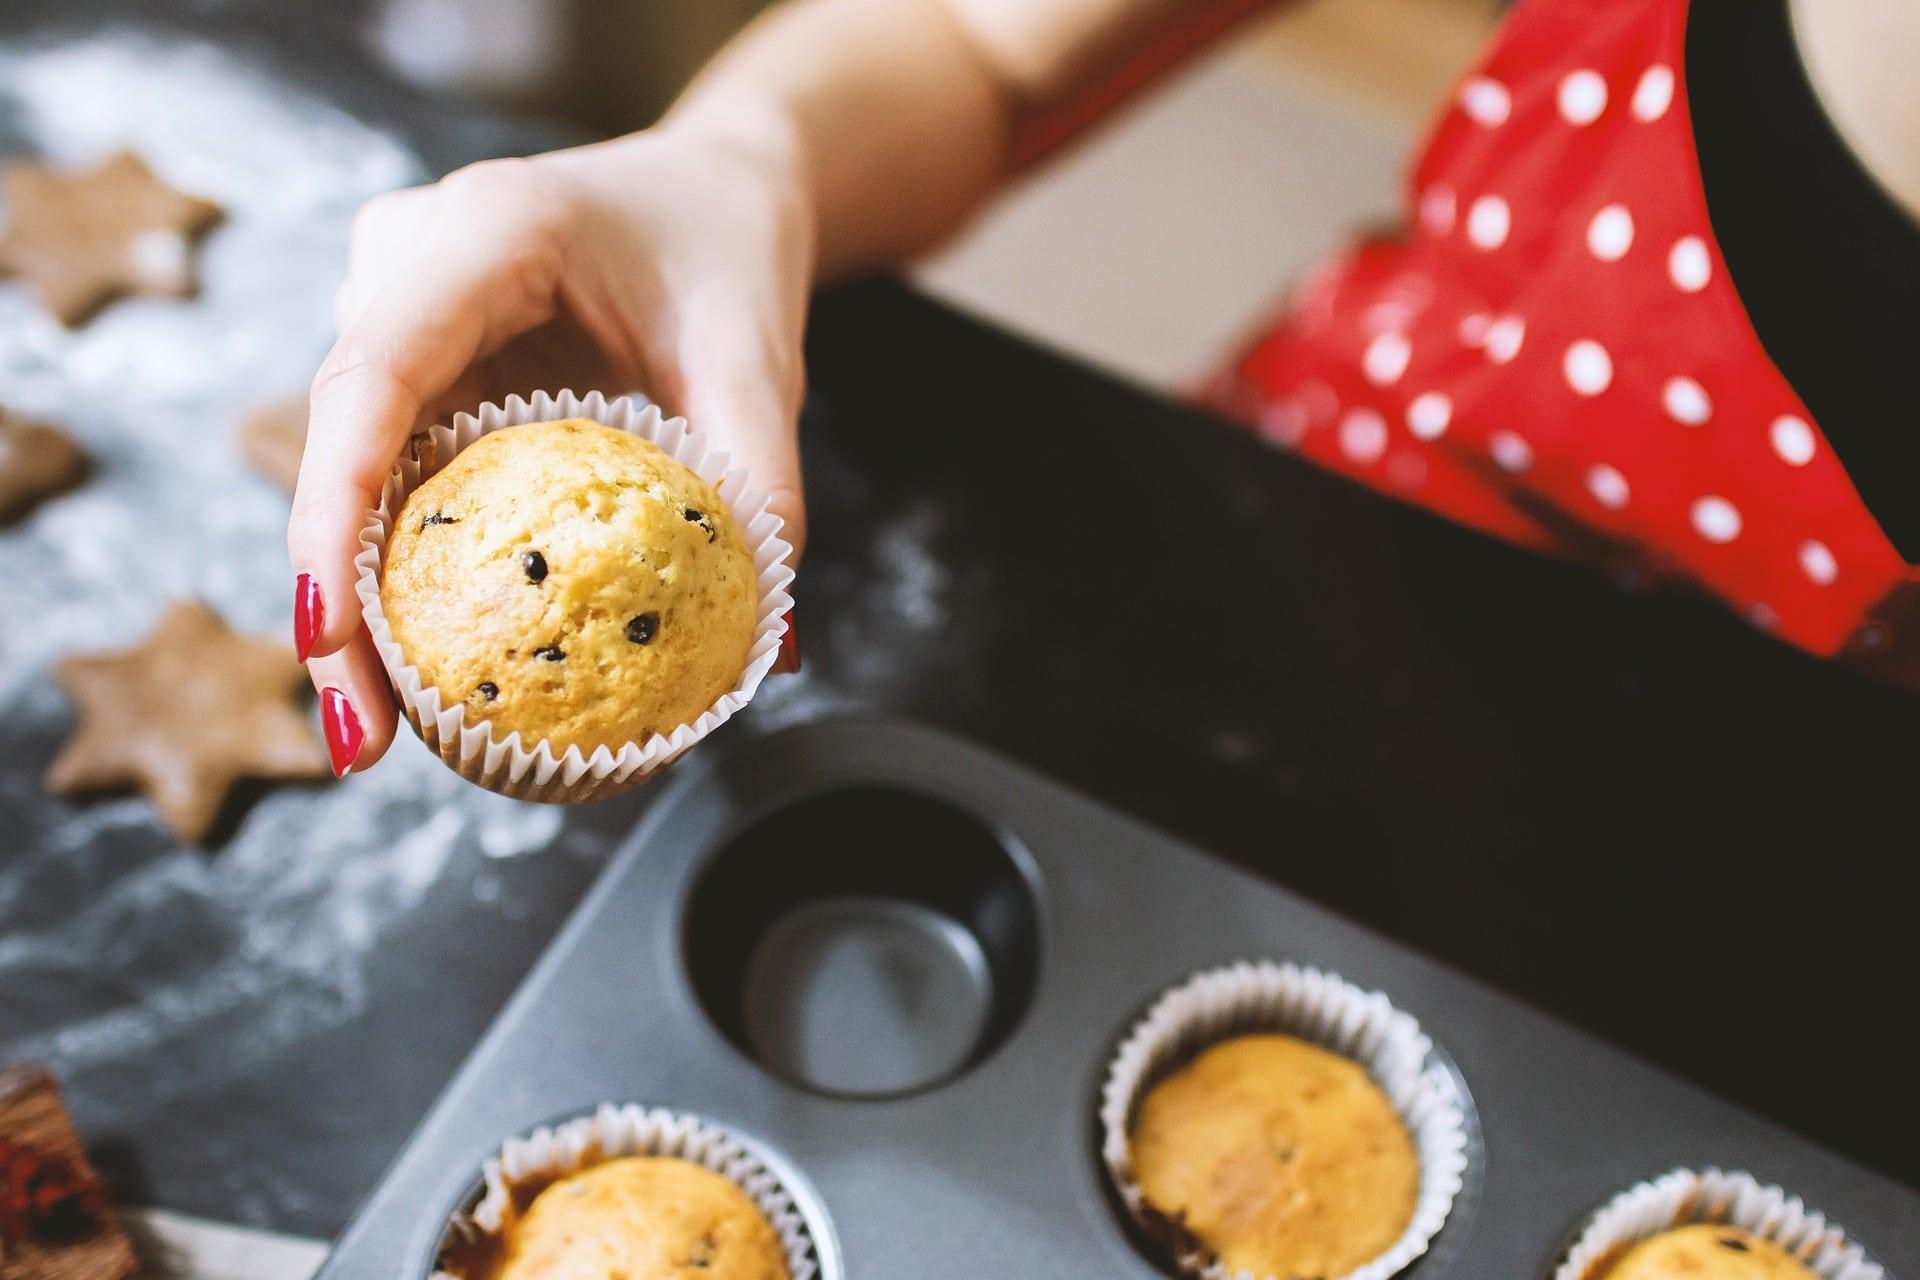 muffin-sütés-pepitablog